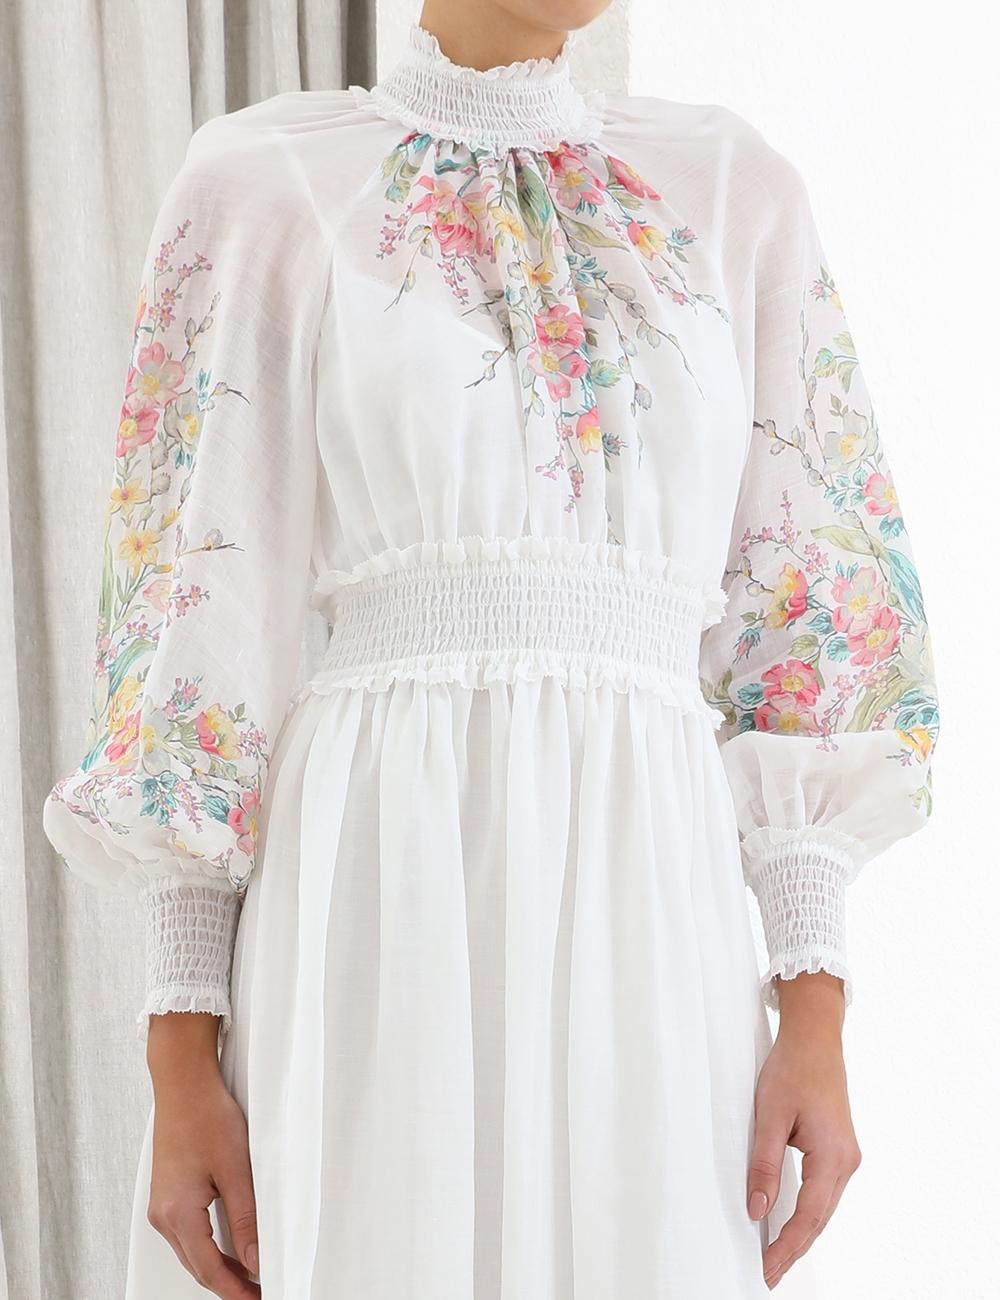 Zinnia Shirred Long Dress